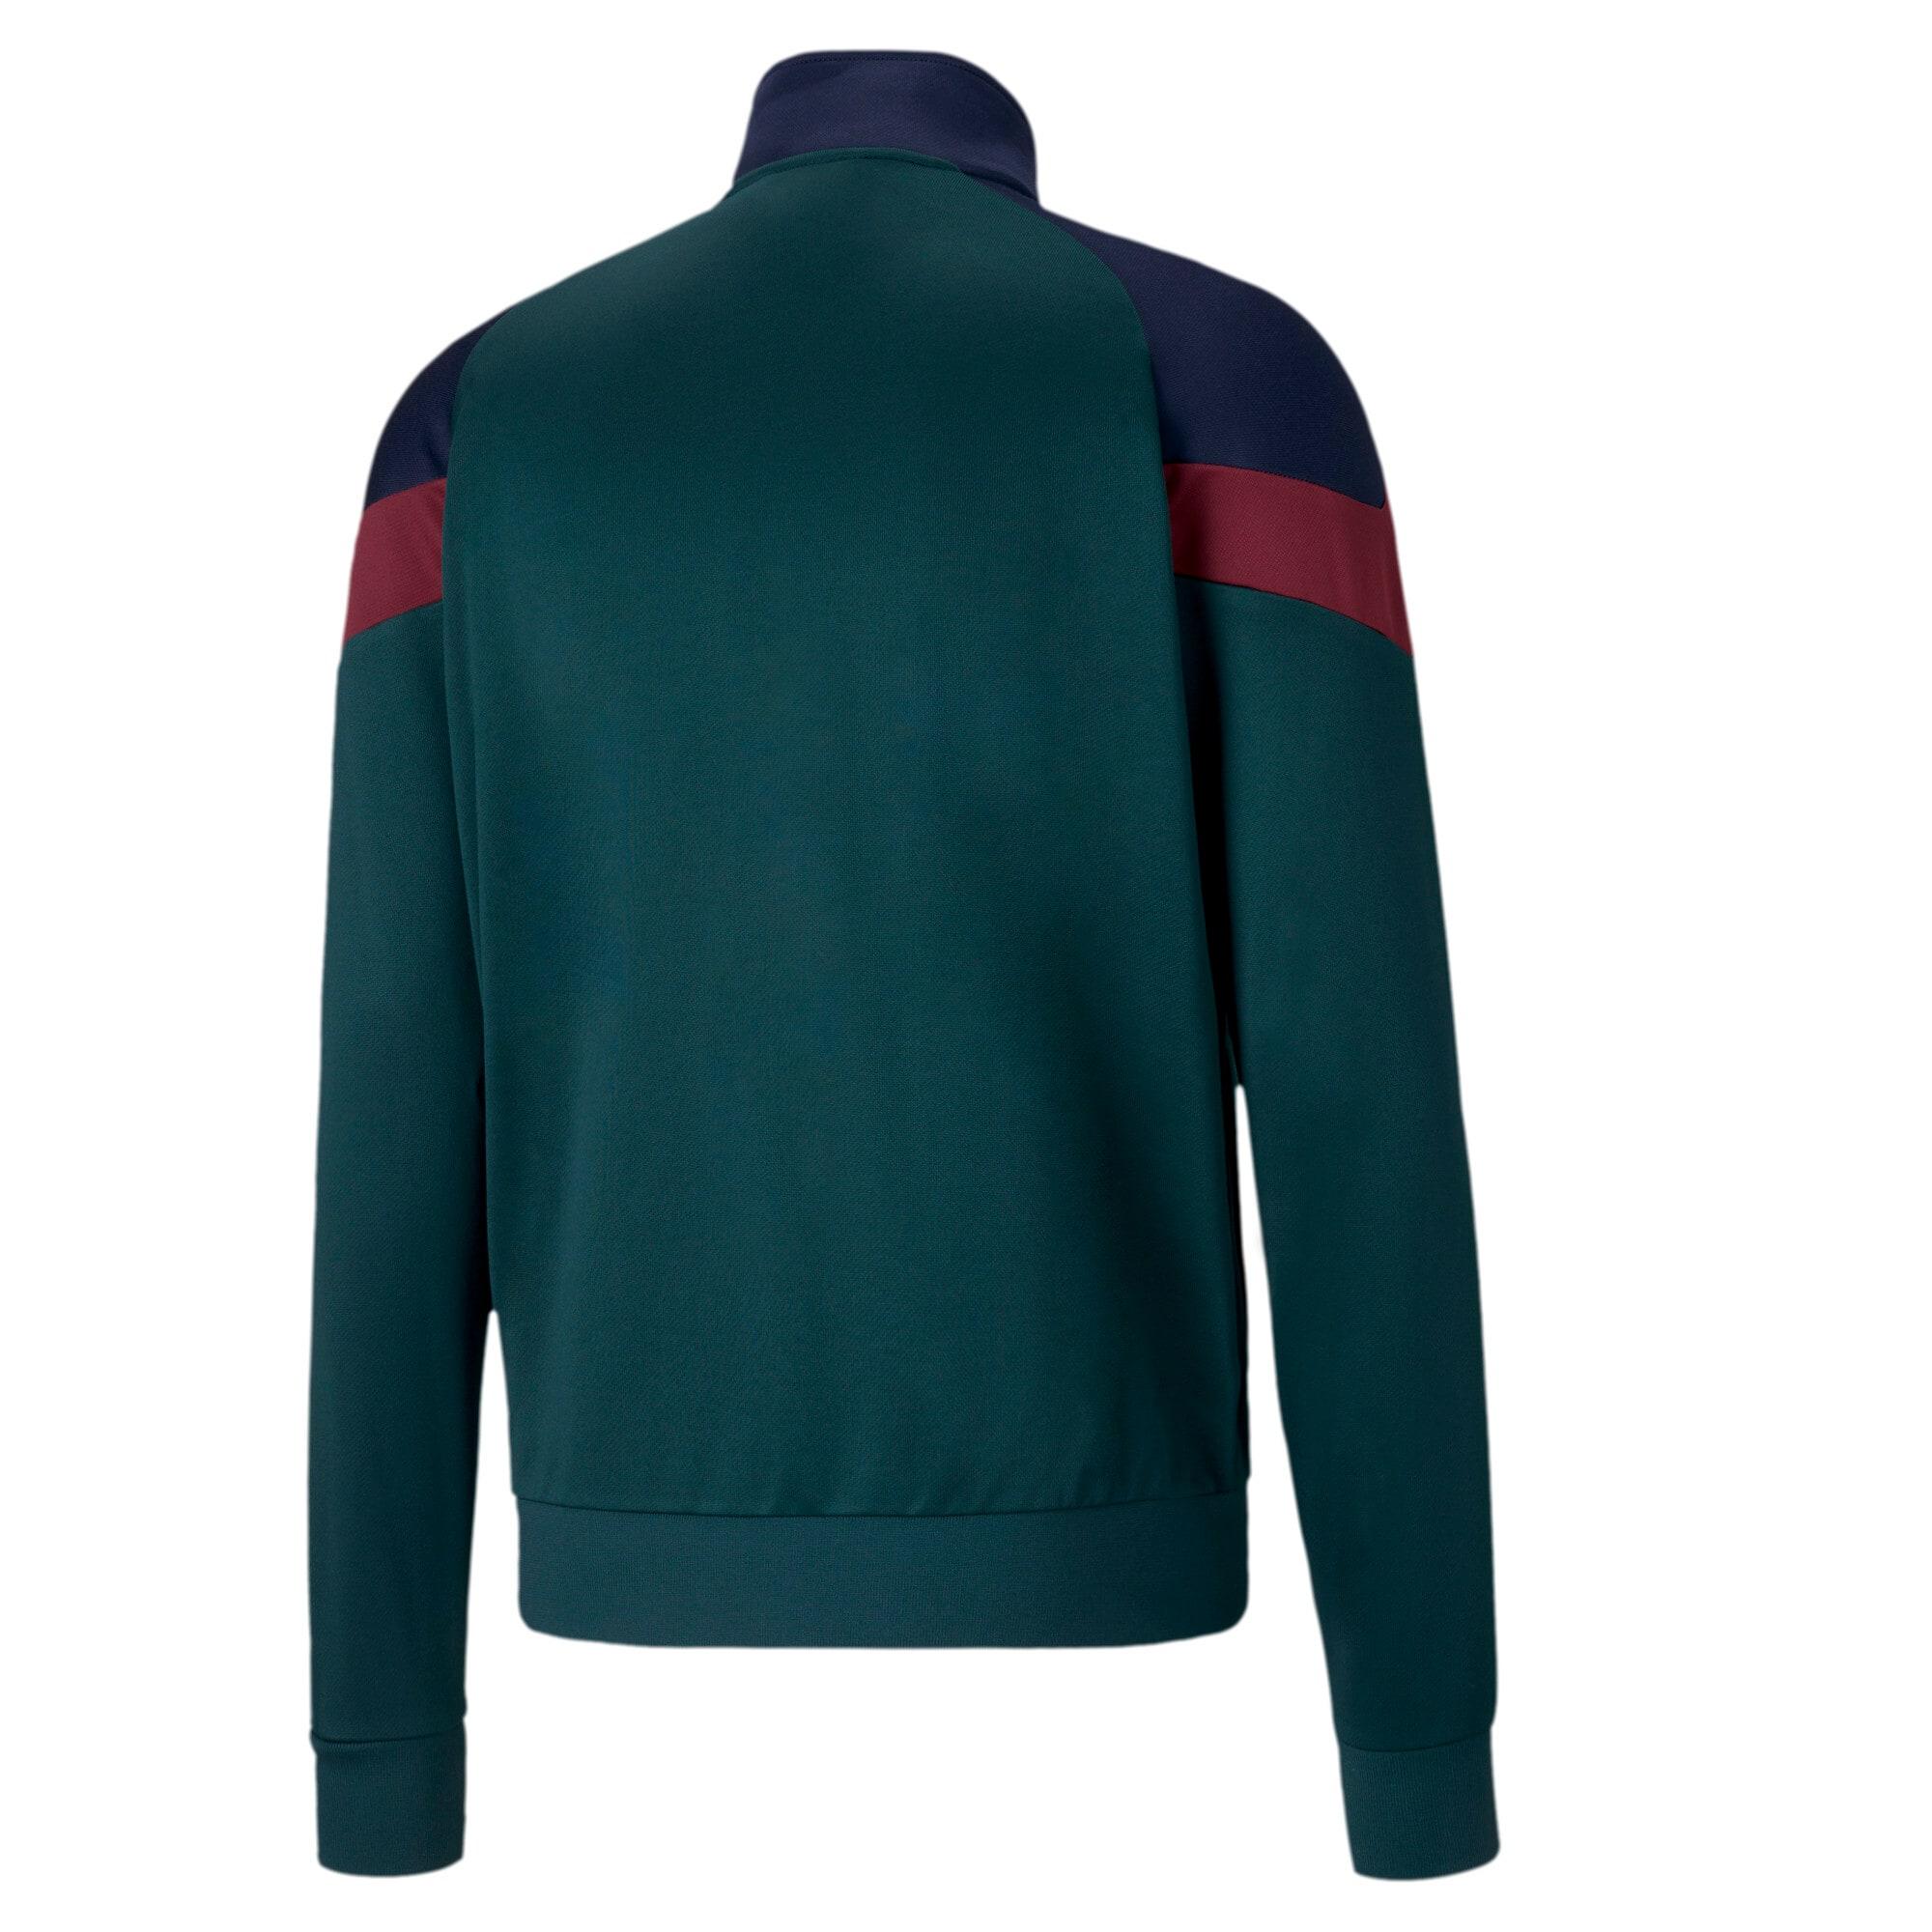 Miniatura 2 de Chaqueta deportiva Iconic MCS de la FIGC para hombre , Ponderosa Pine-Peacoat, mediano